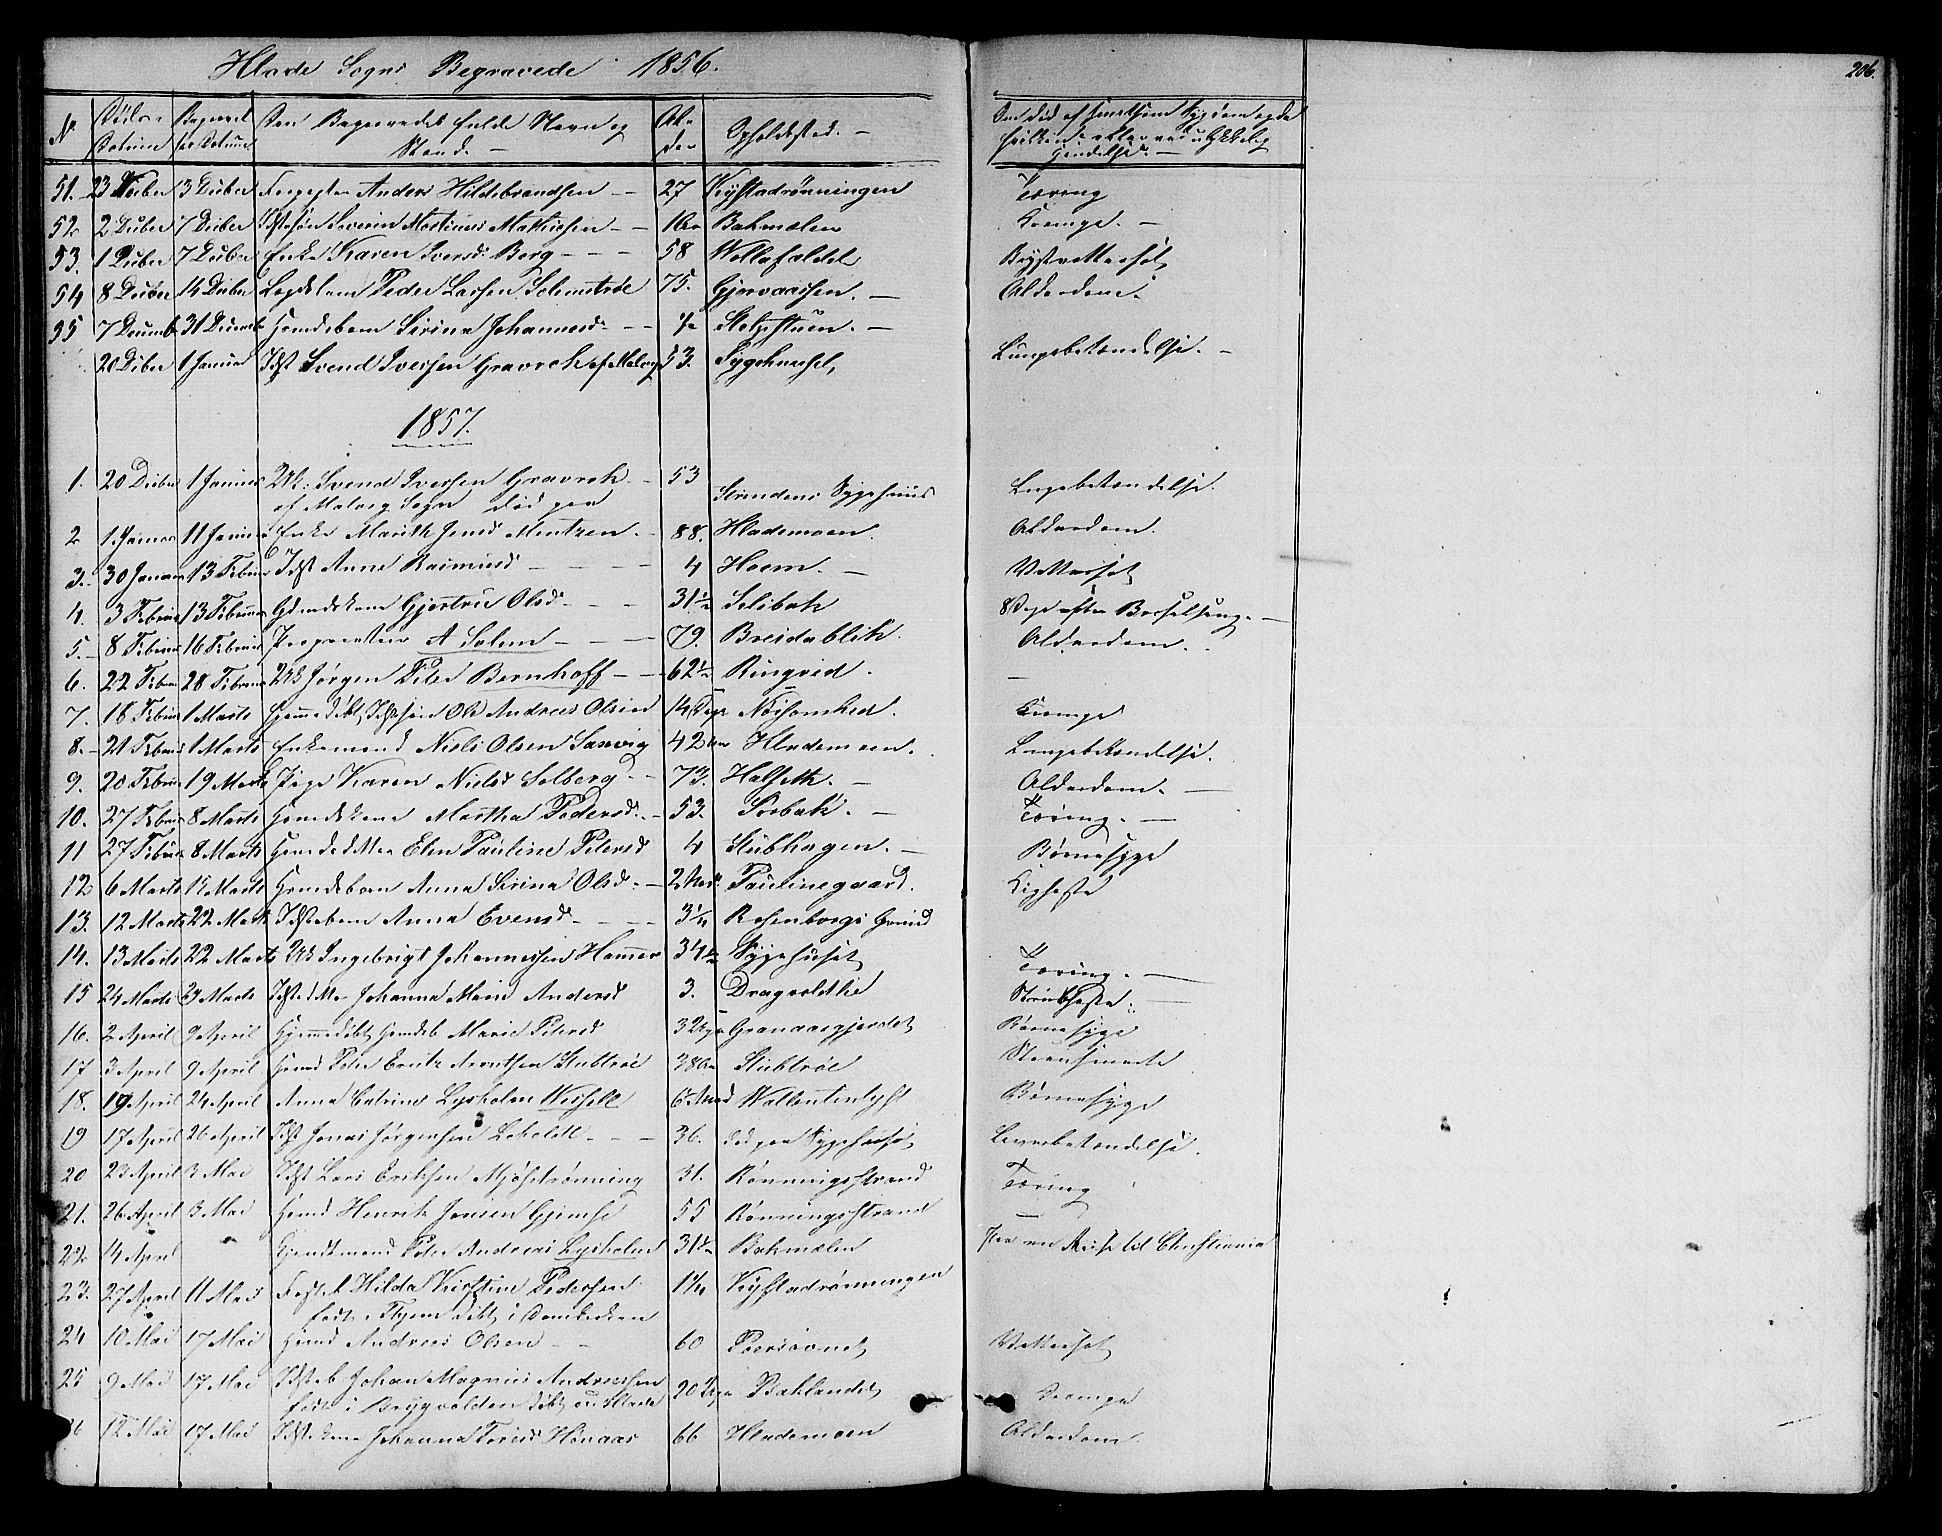 SAT, Ministerialprotokoller, klokkerbøker og fødselsregistre - Sør-Trøndelag, 606/L0310: Klokkerbok nr. 606C06, 1850-1859, s. 206